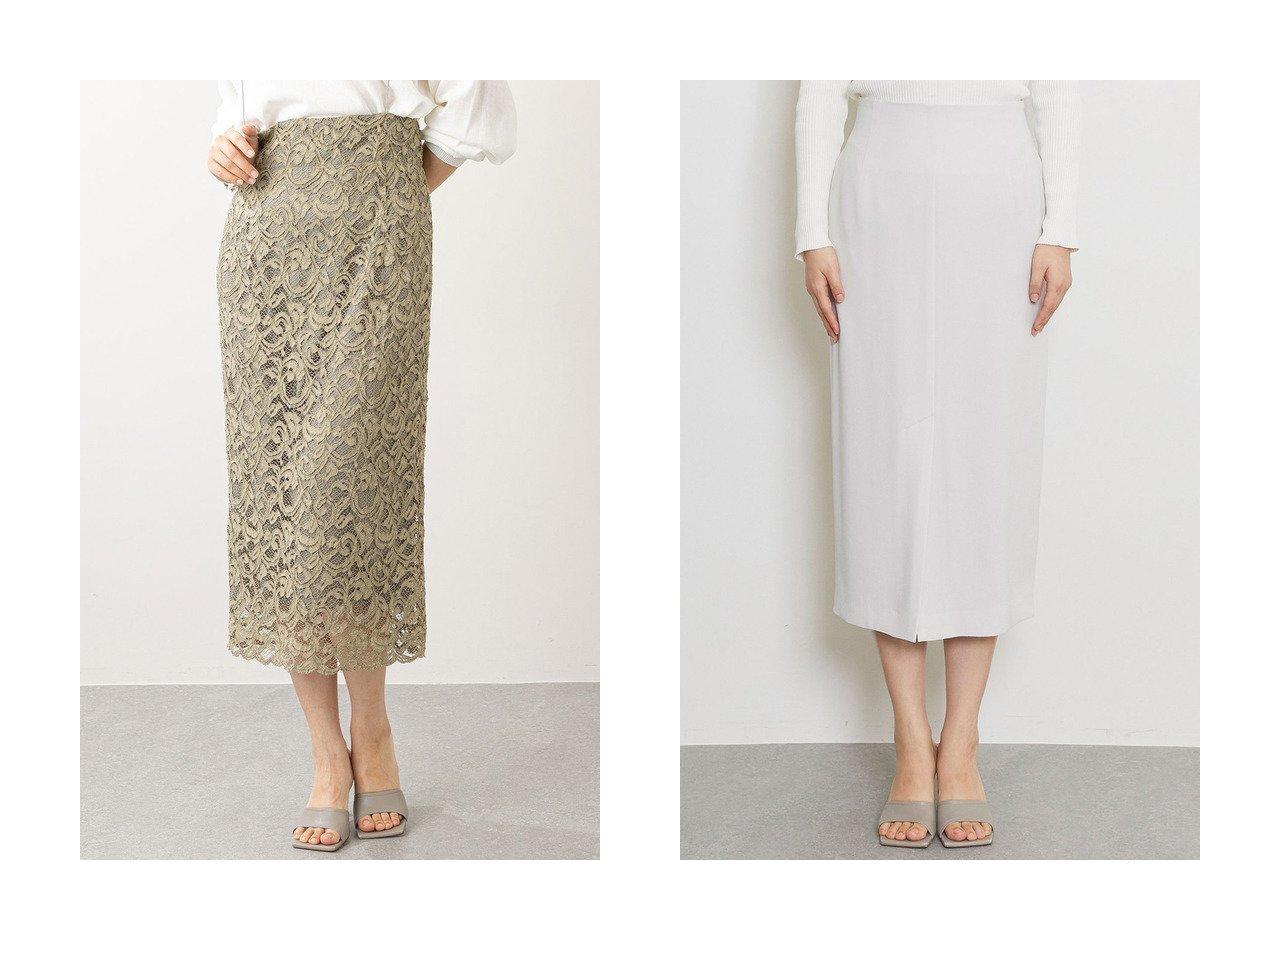 【Whim Gazette/ウィムガゼット】のACE タイトスカート&レースサスペンダースカート 【スカート】おすすめ!人気、トレンド・レディースファッションの通販 おすすめで人気の流行・トレンド、ファッションの通販商品 メンズファッション・キッズファッション・インテリア・家具・レディースファッション・服の通販 founy(ファニー) https://founy.com/ ファッション Fashion レディースファッション WOMEN スカート Skirt ロングスカート Long Skirt 2021年 2021 2021春夏・S/S SS/Spring/Summer/2021 S/S・春夏 SS・Spring/Summer クラシカル サスペンダー ラッセル レース ロング 春 Spring |ID:crp329100000028444